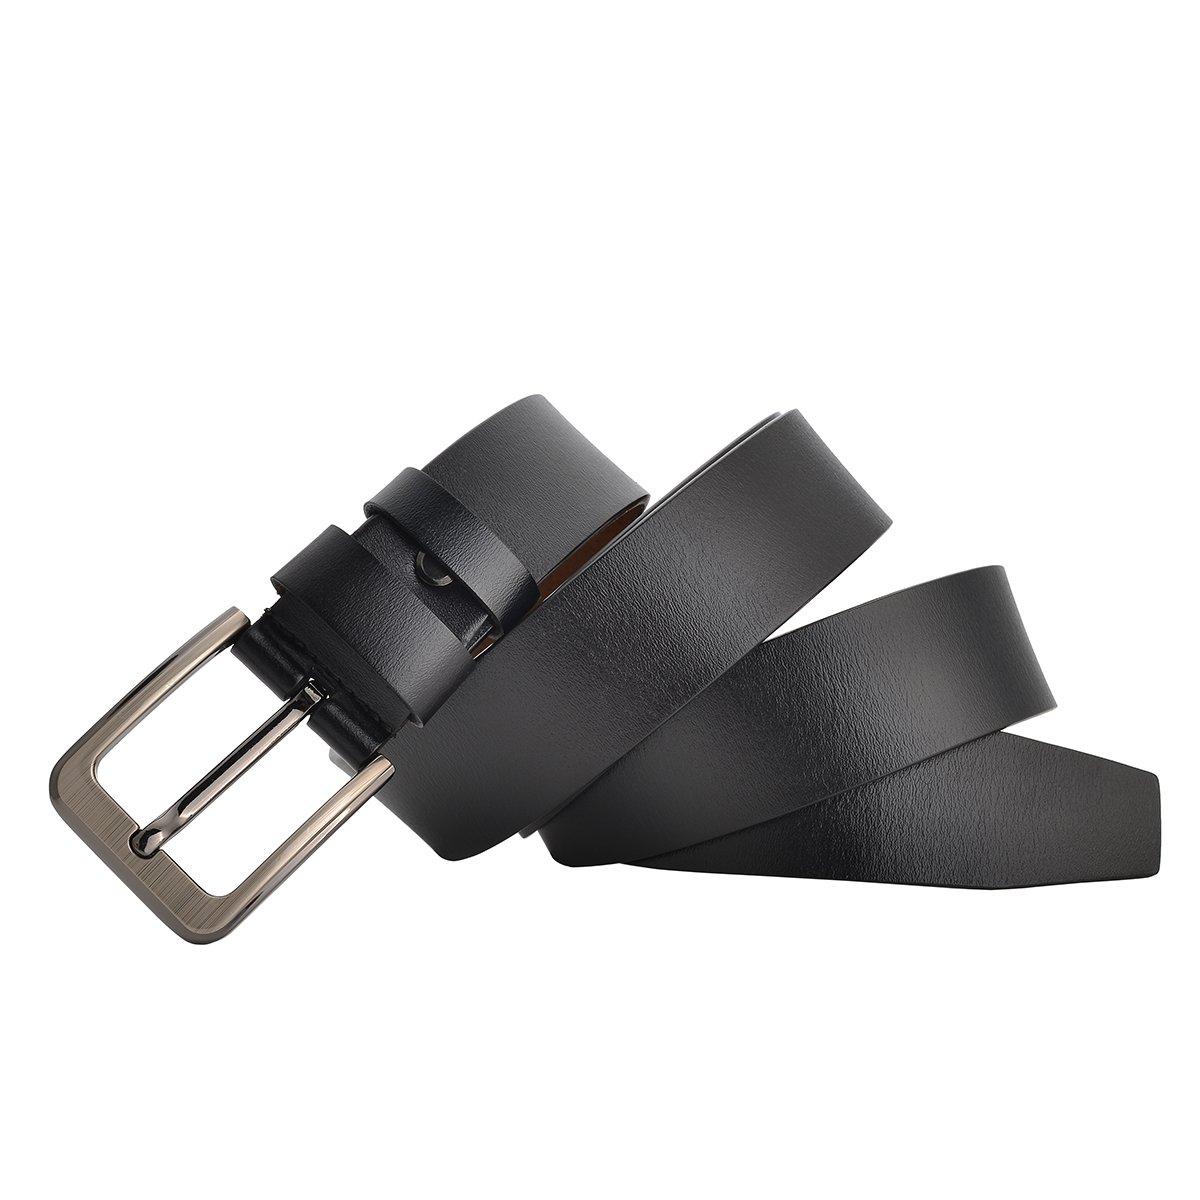 Men Belt Genuine Leather for Regular /& Big and Tall Waist 56-61, Black Jeans Belt Dress Belt Casual /& Work 35-62